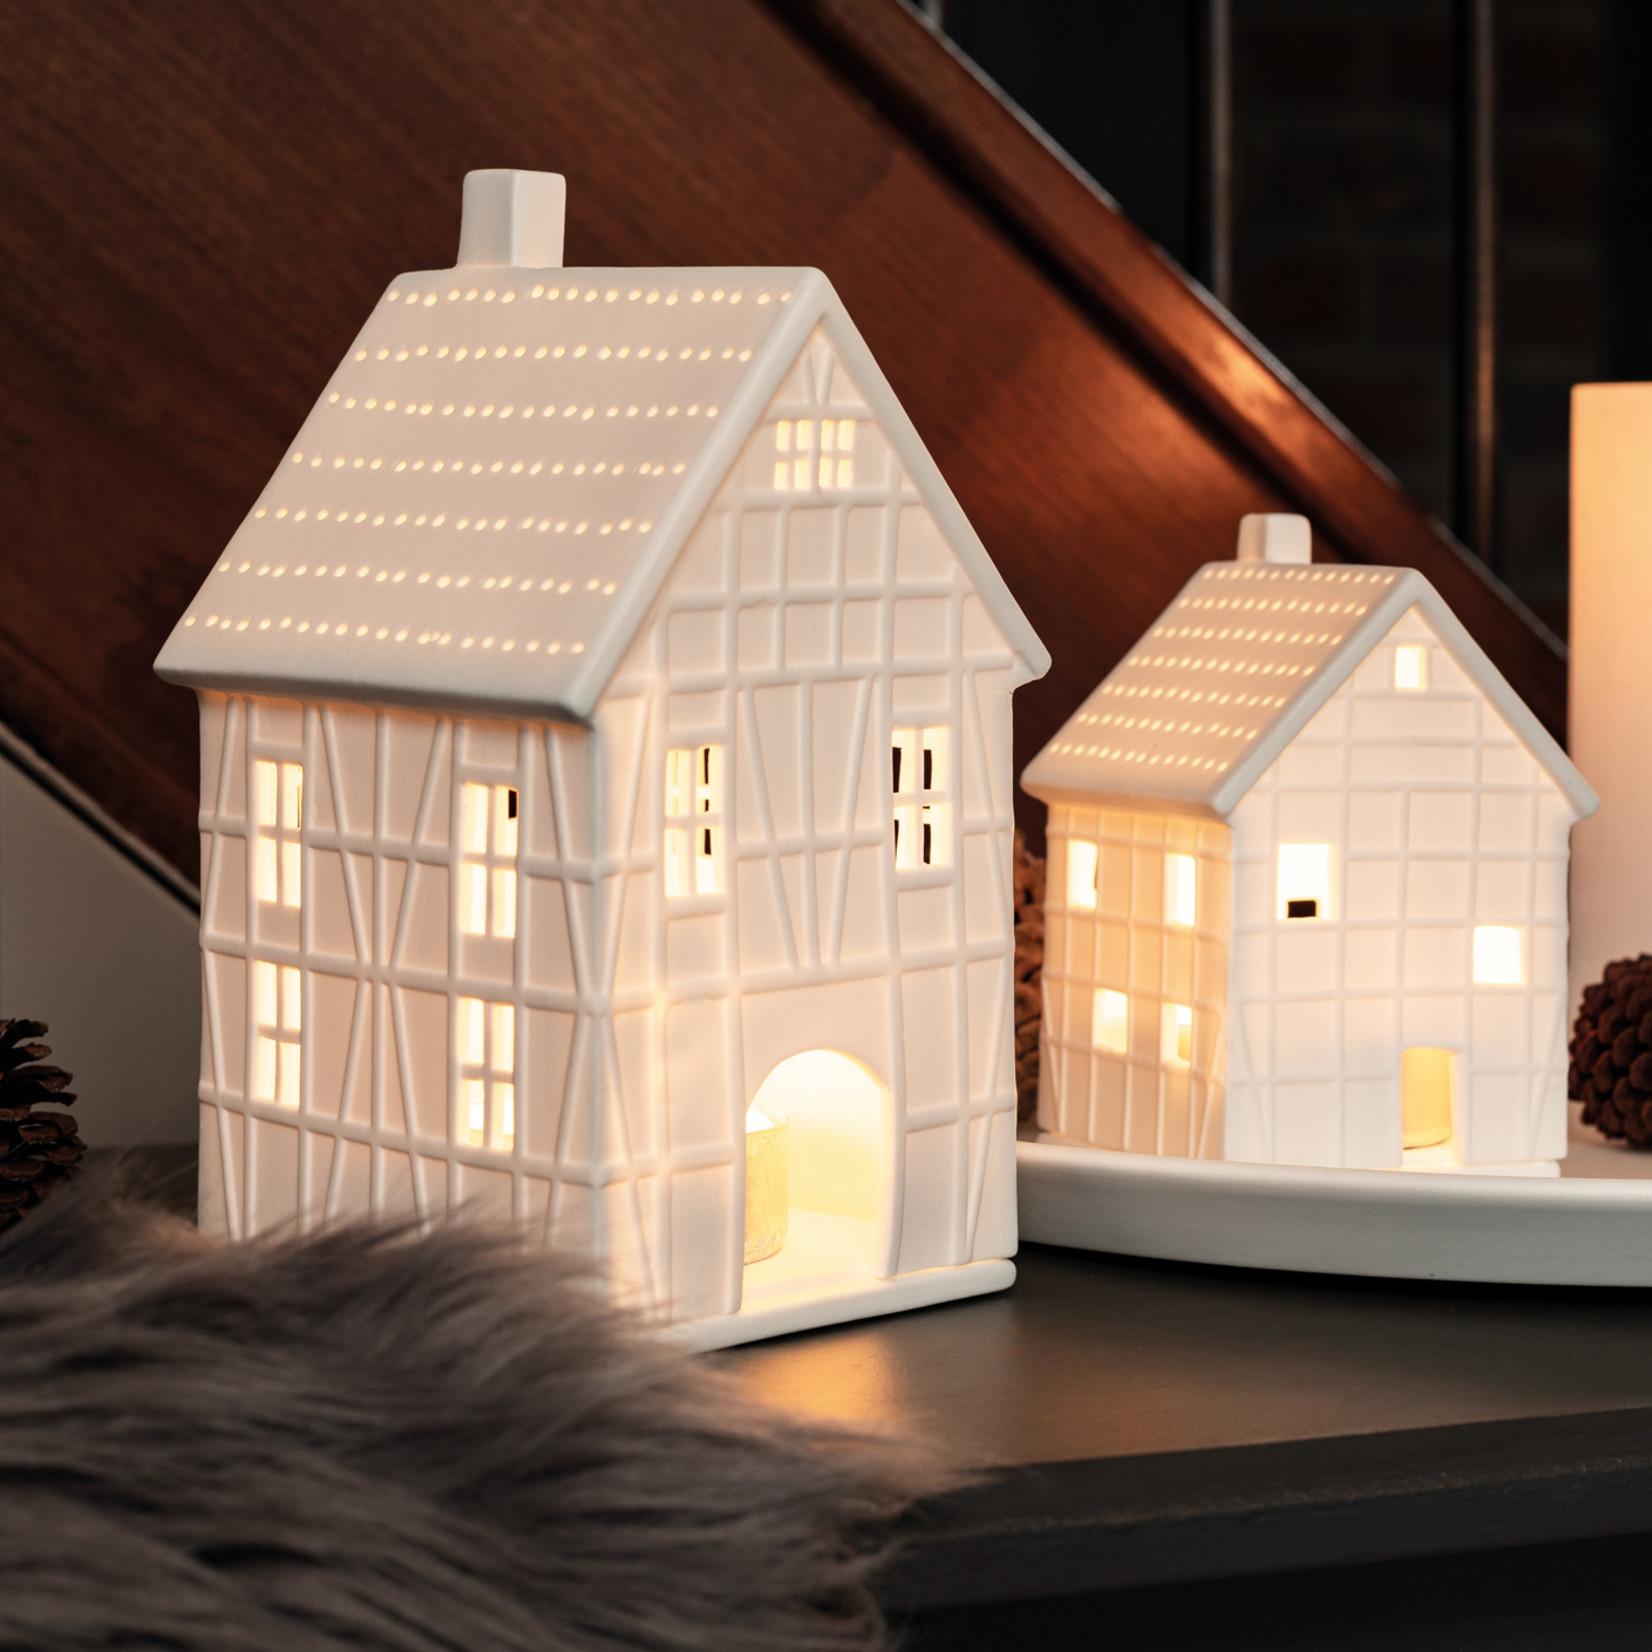 Räder Design Lichthaus Fachwerkhaus groß